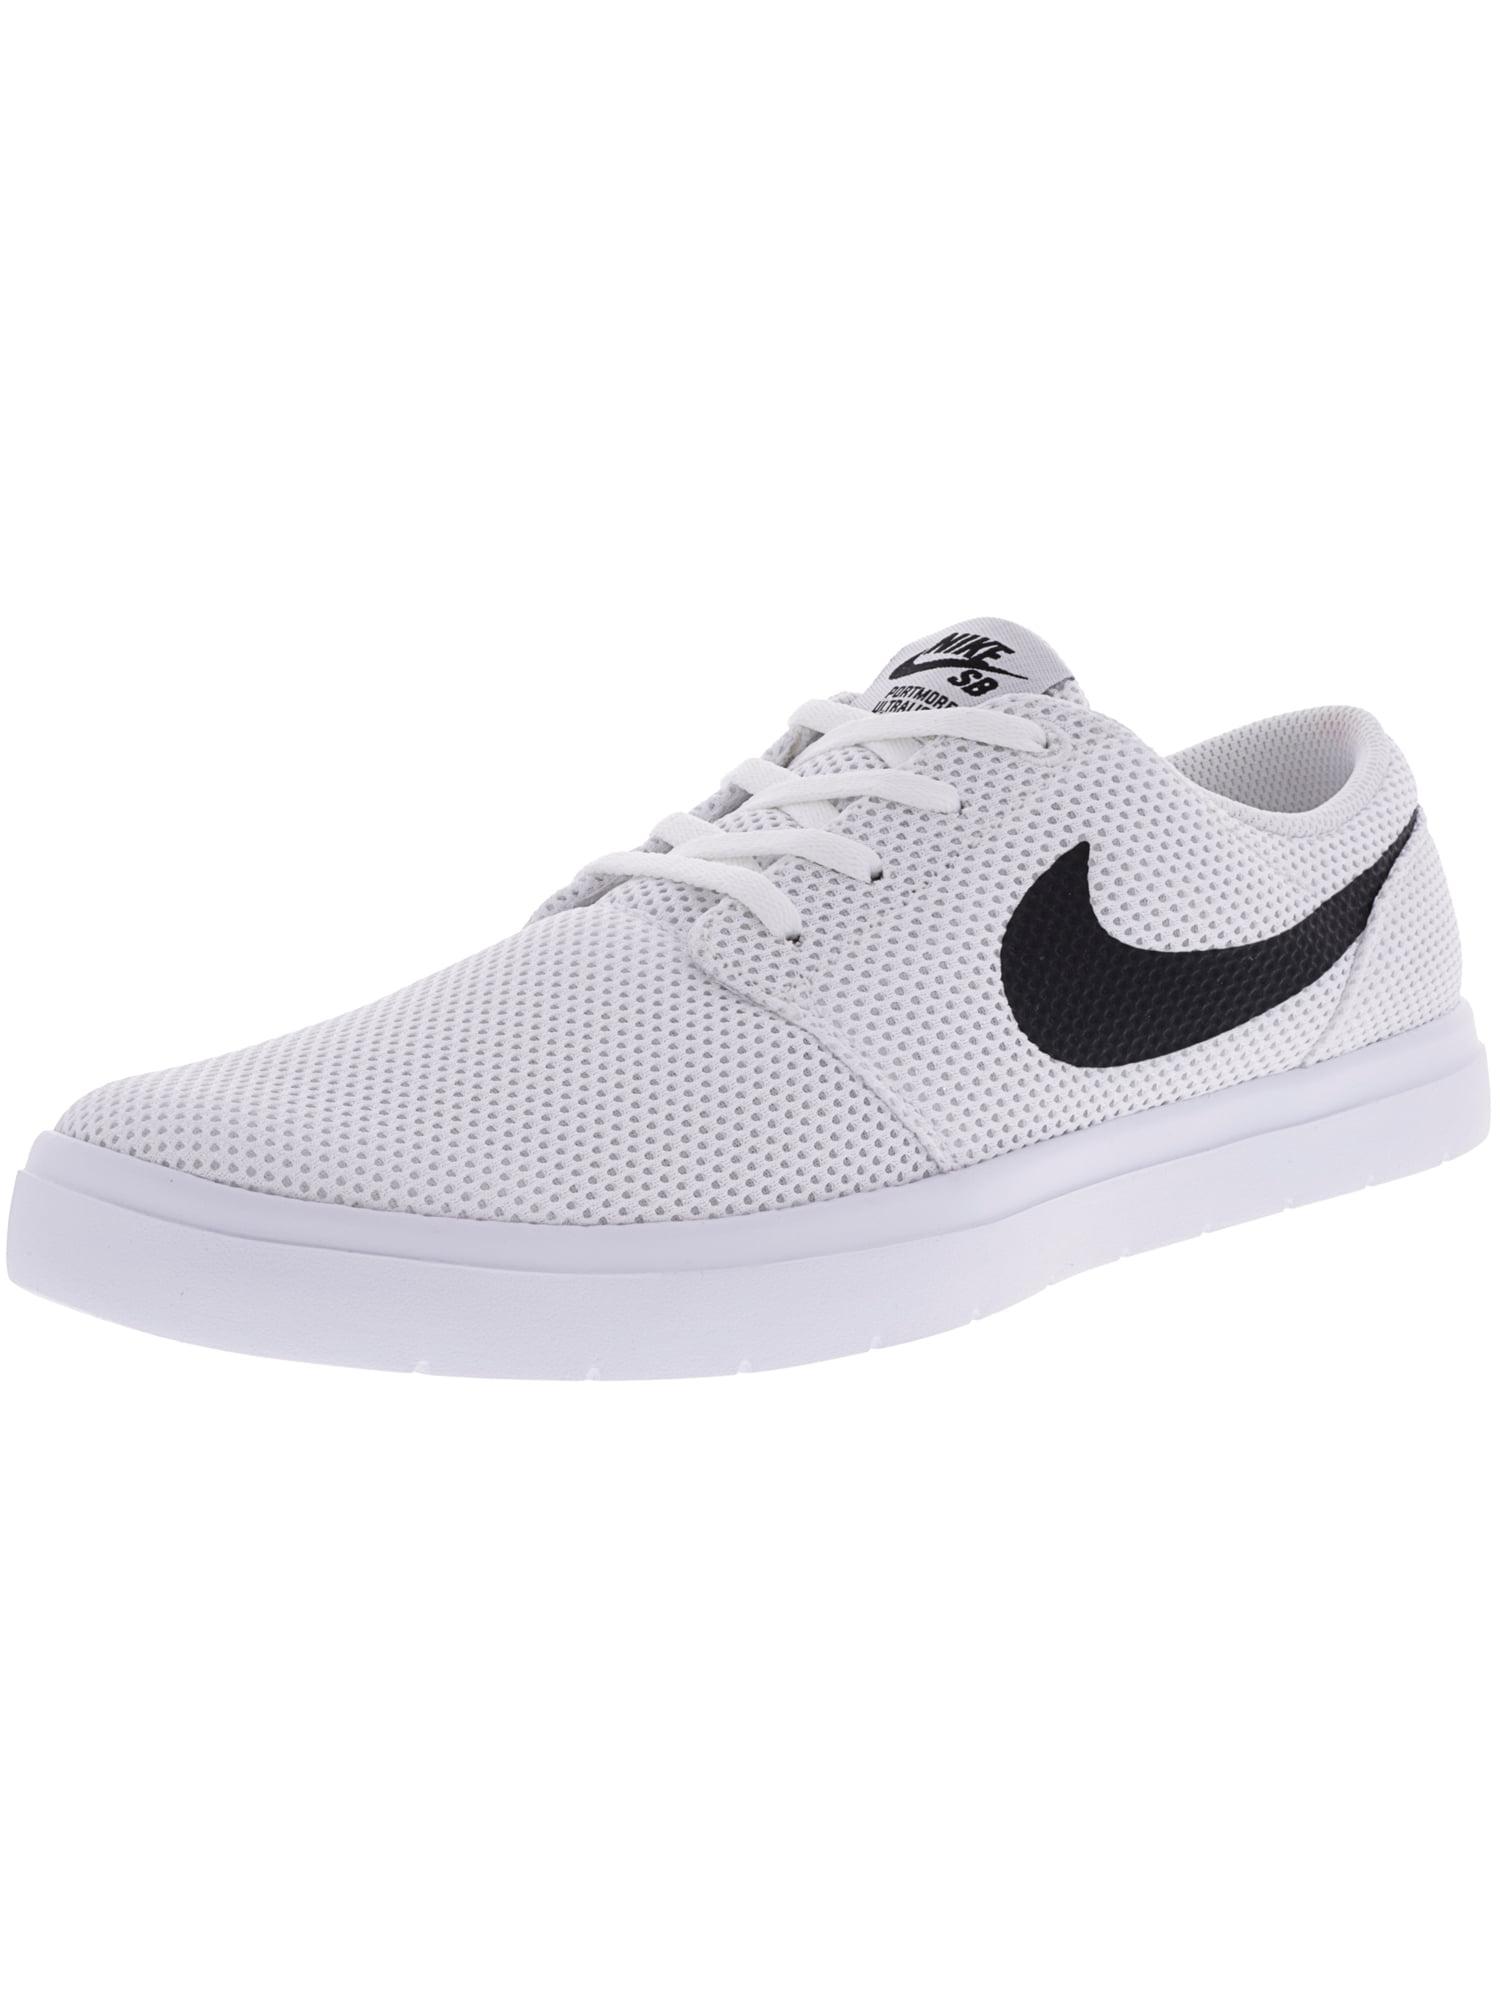 Nike Men's Sb Portmore Ii Ultralight White / Black Track Red Ankle-High Skateboarding Shoe - 9.5M